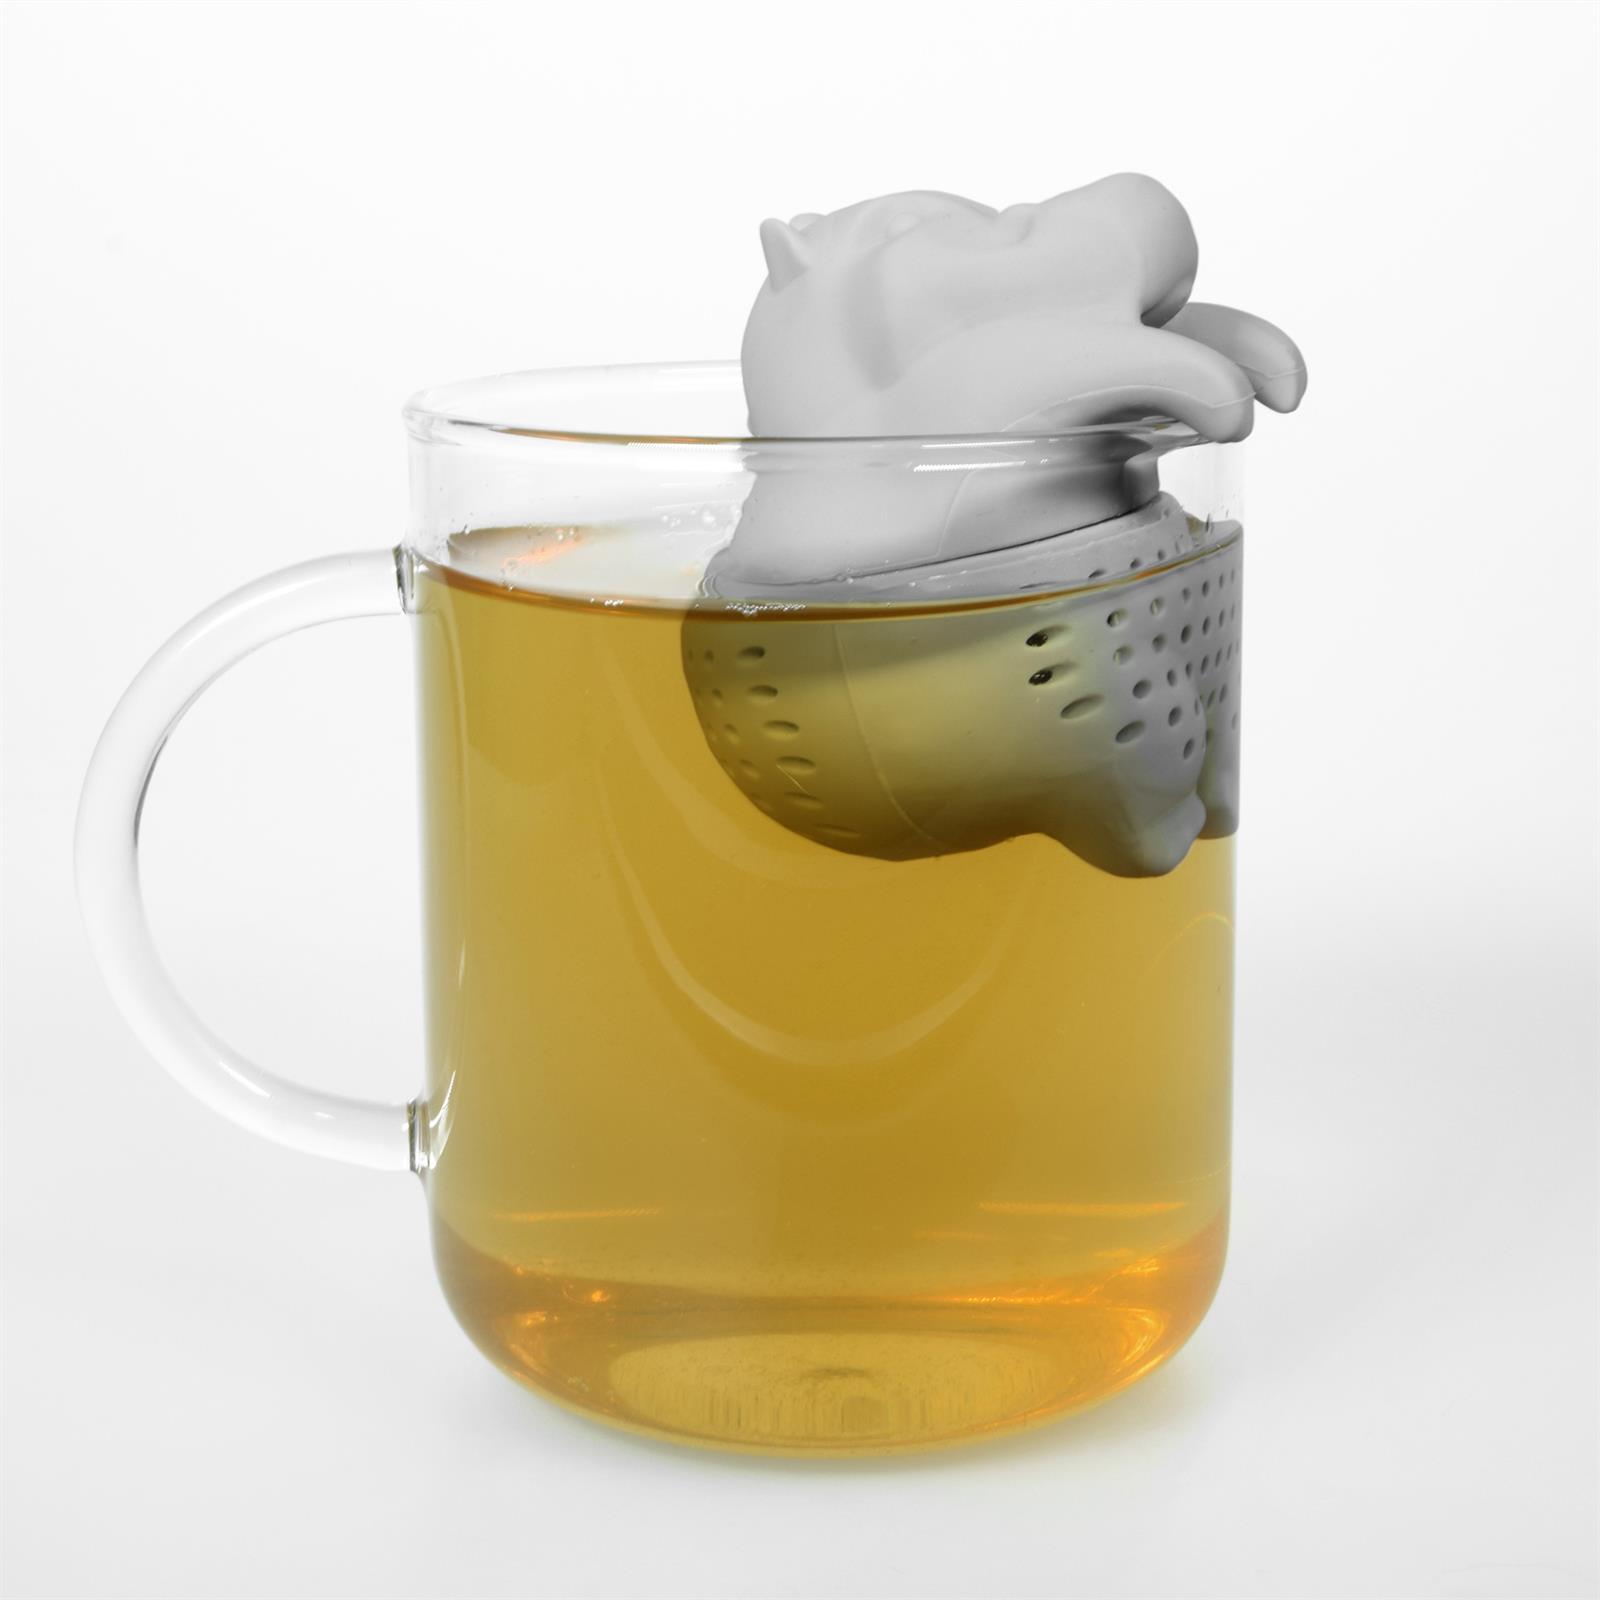 Lustiges niedliches buntes Silikon Tee Ei Sieb Kugel Filter Ball Figur loser Tee 7